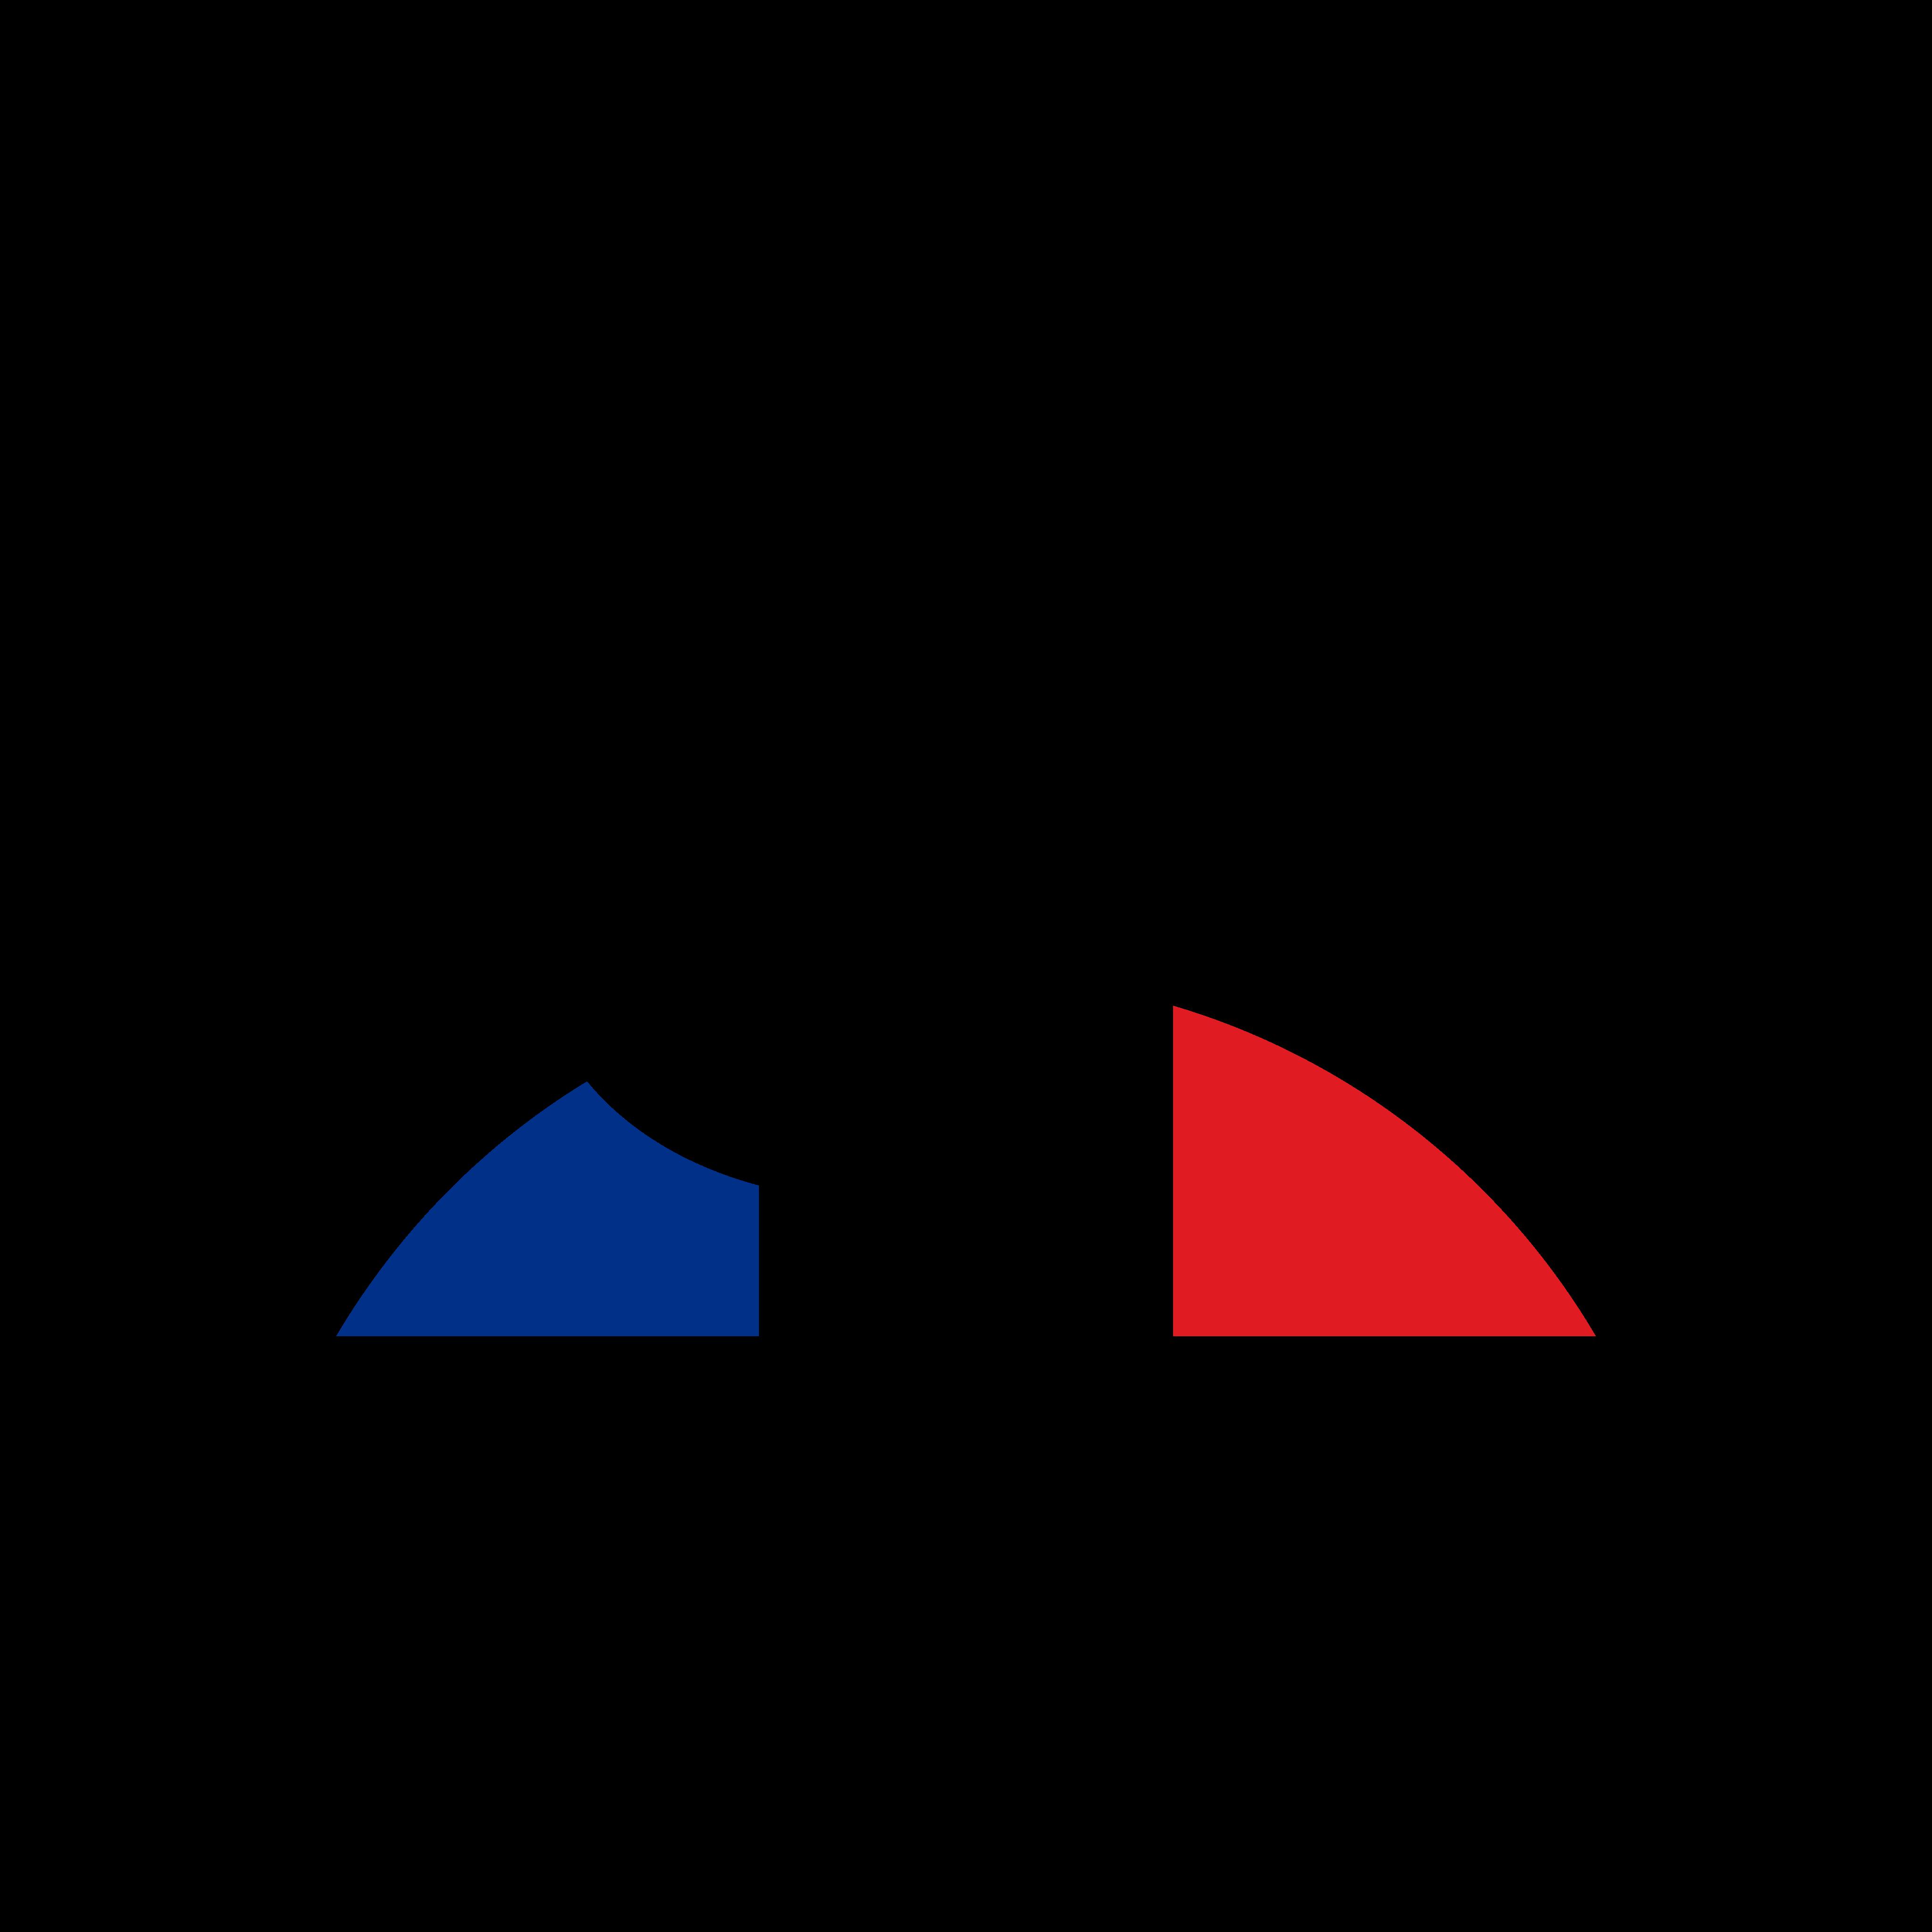 le coq sportif logo 0 - Le Coq Sportif Logo